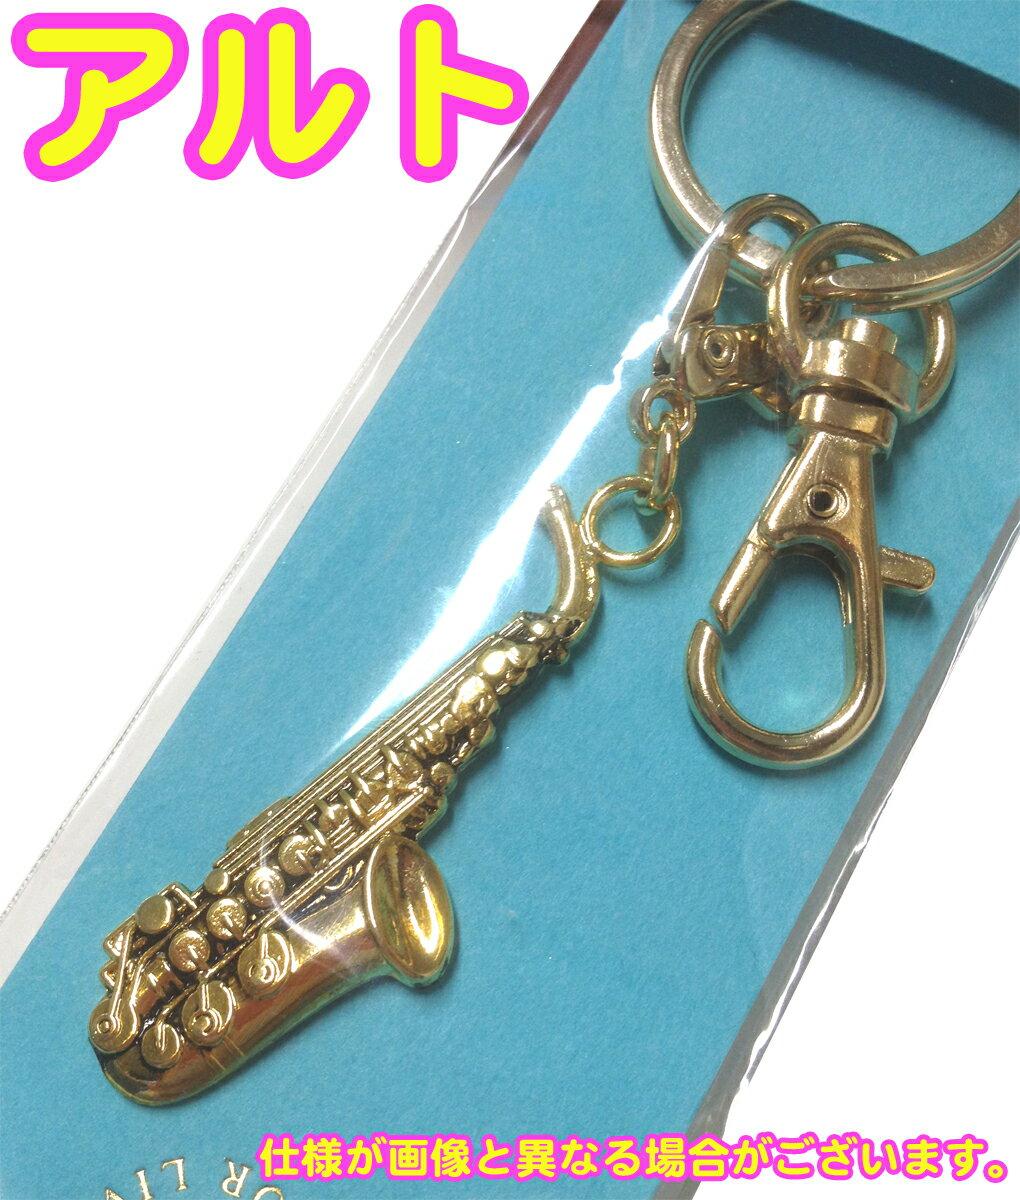 [メール便対応可]日本製アルトサックスチャームキーホルダーゴールドブラスバンドキーホルダー楽器管楽器